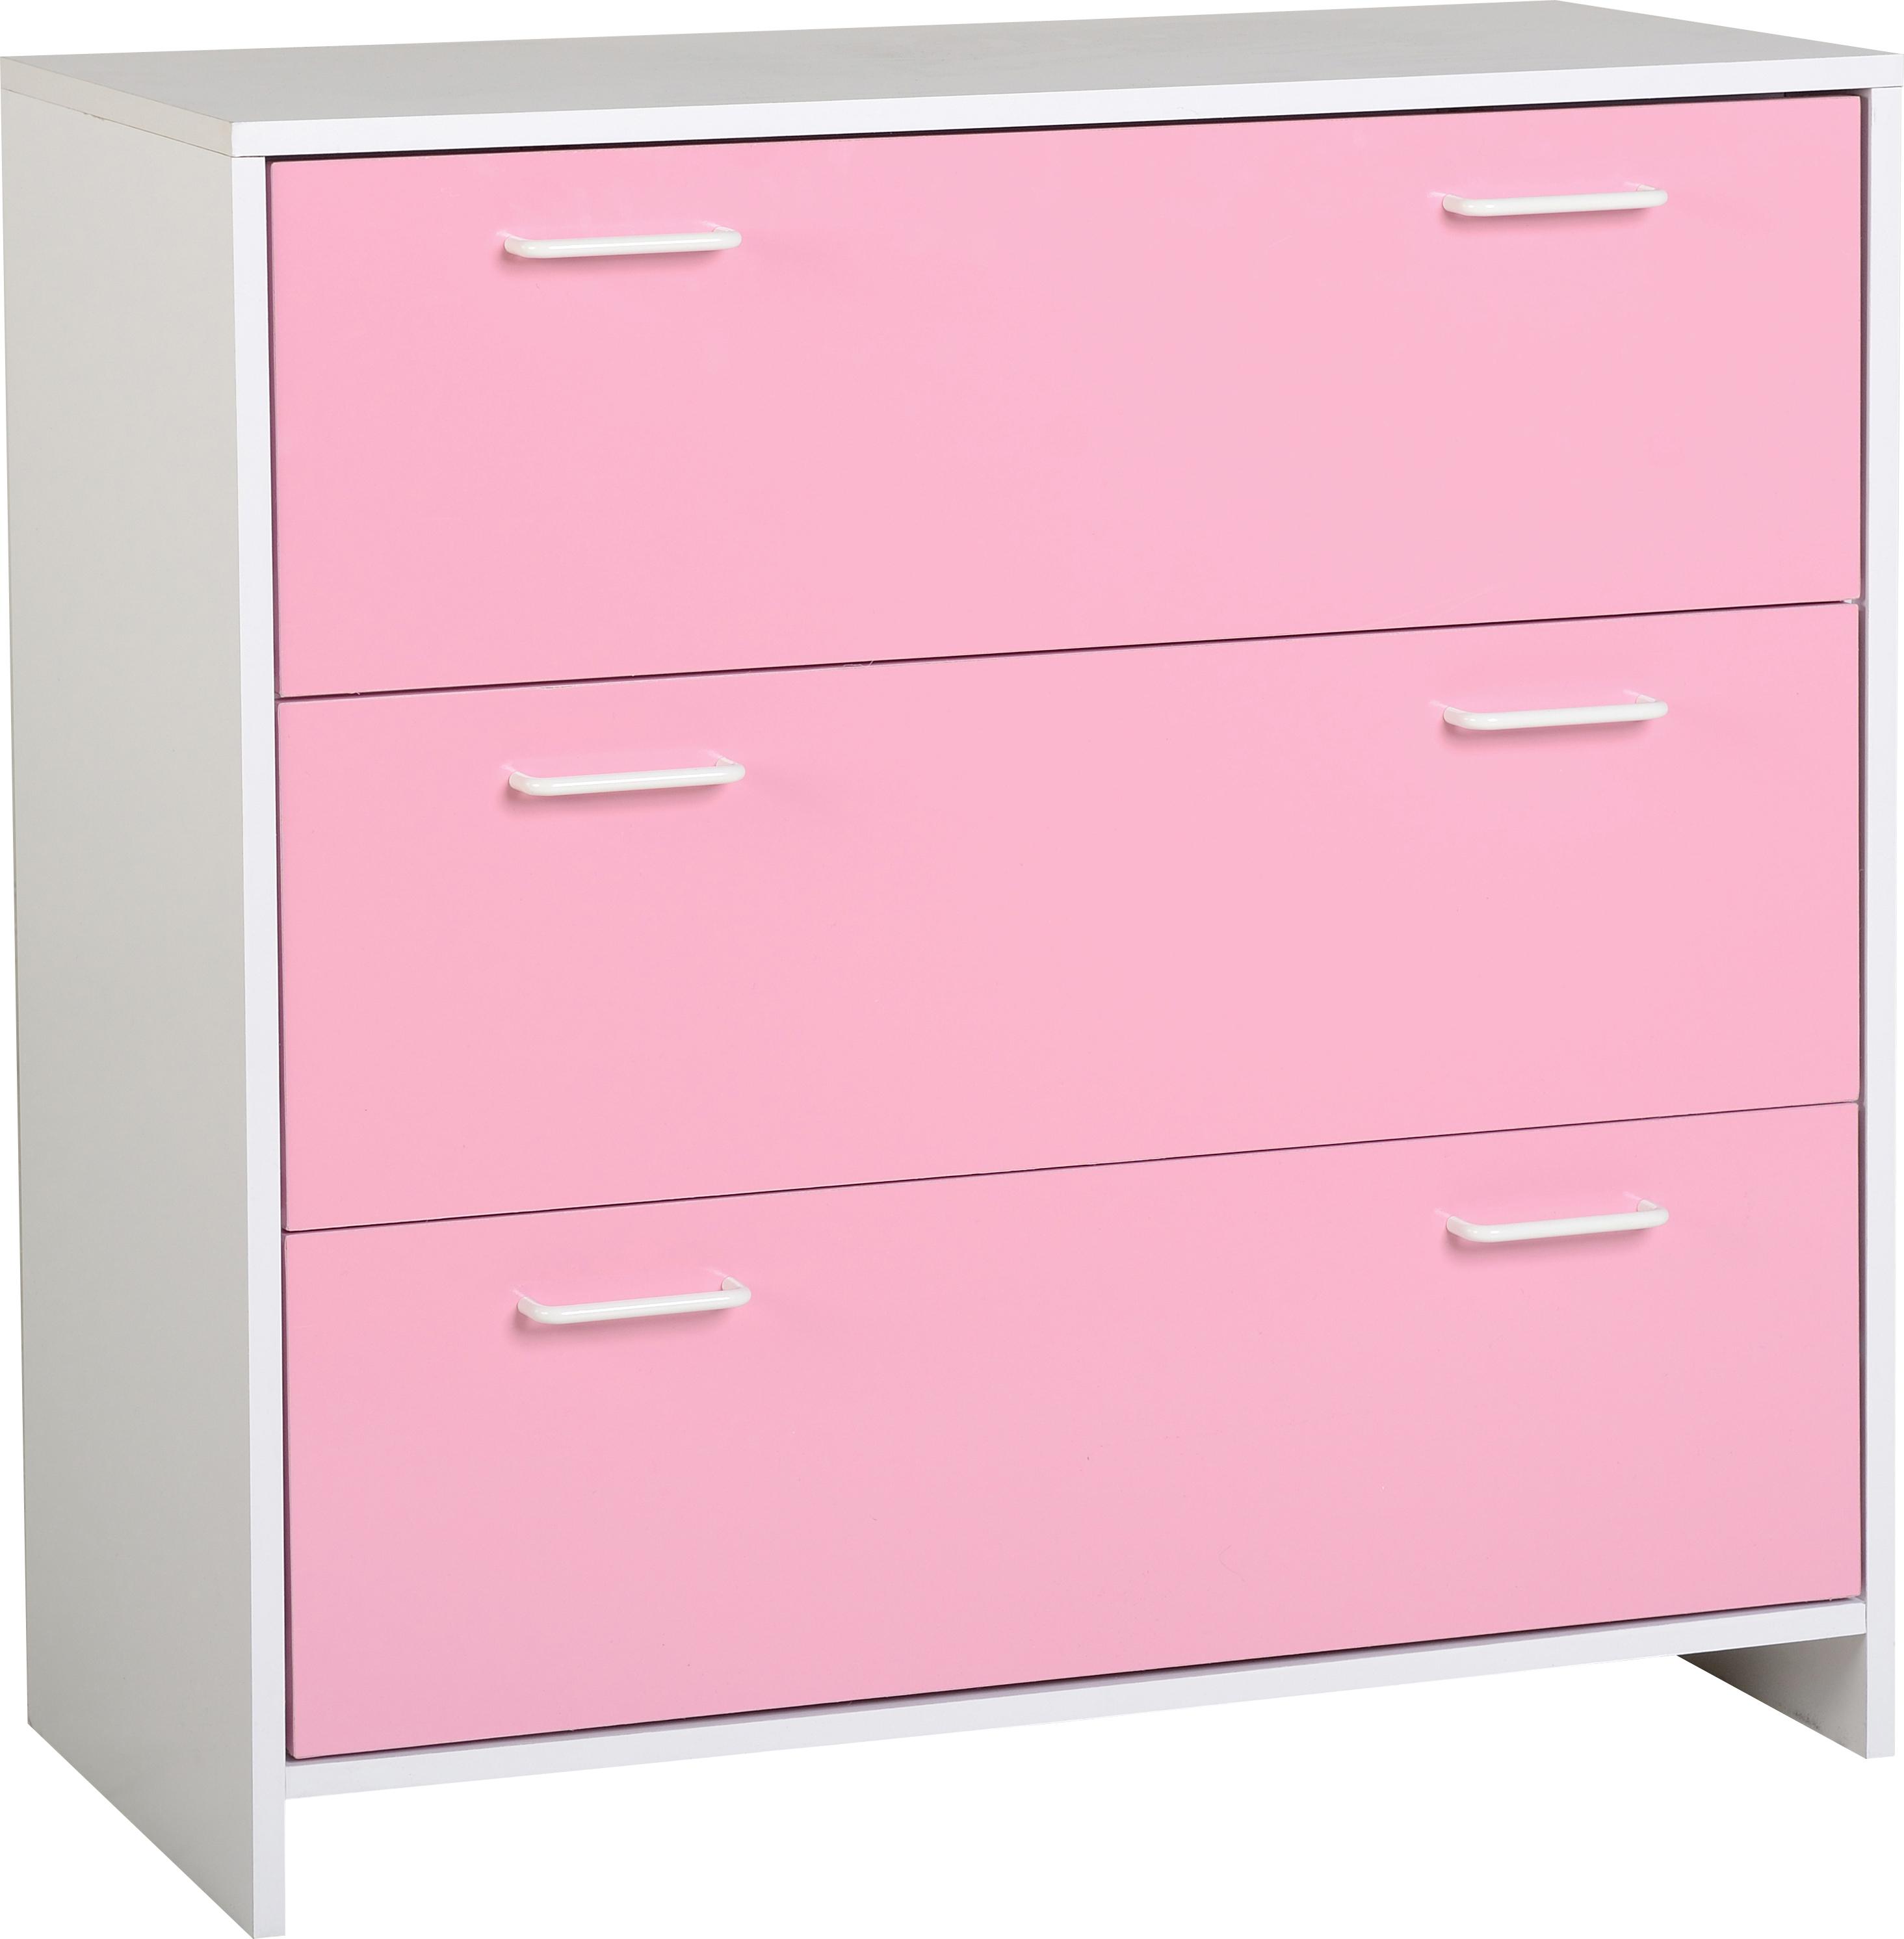 Lollipop 3drw Pink 01